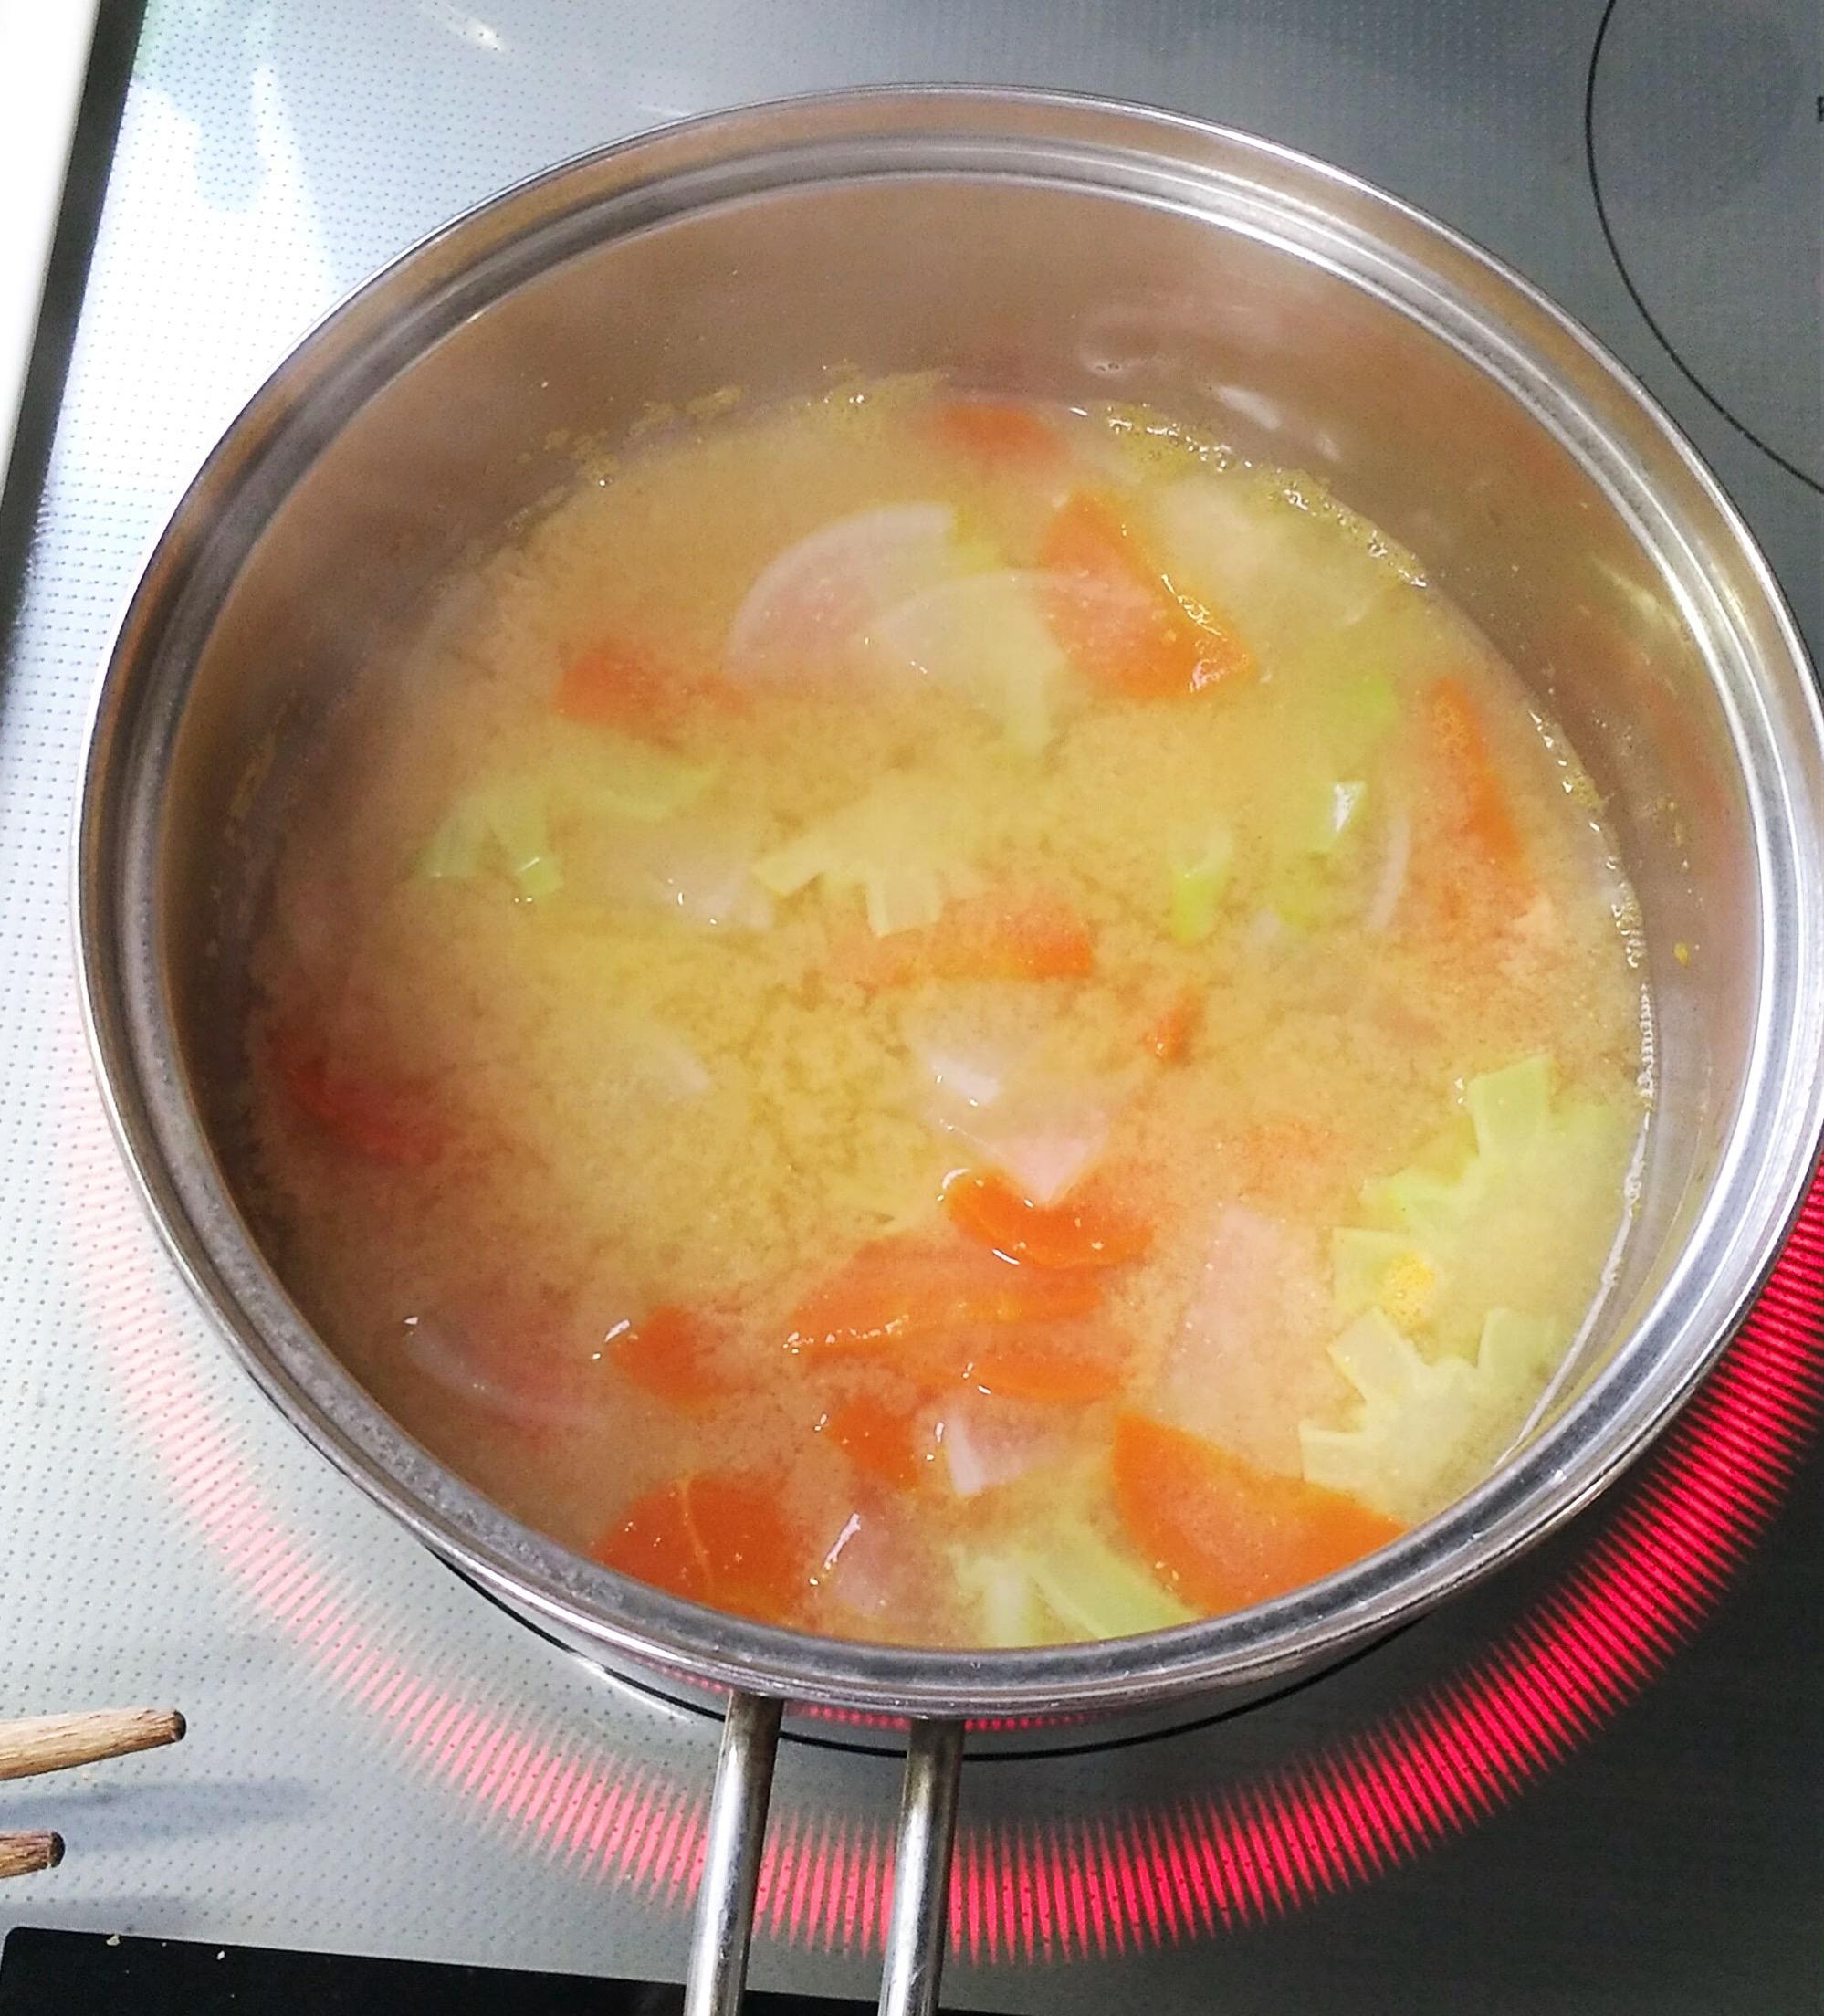 味噌を溶かしたら1分ほど煮て完成